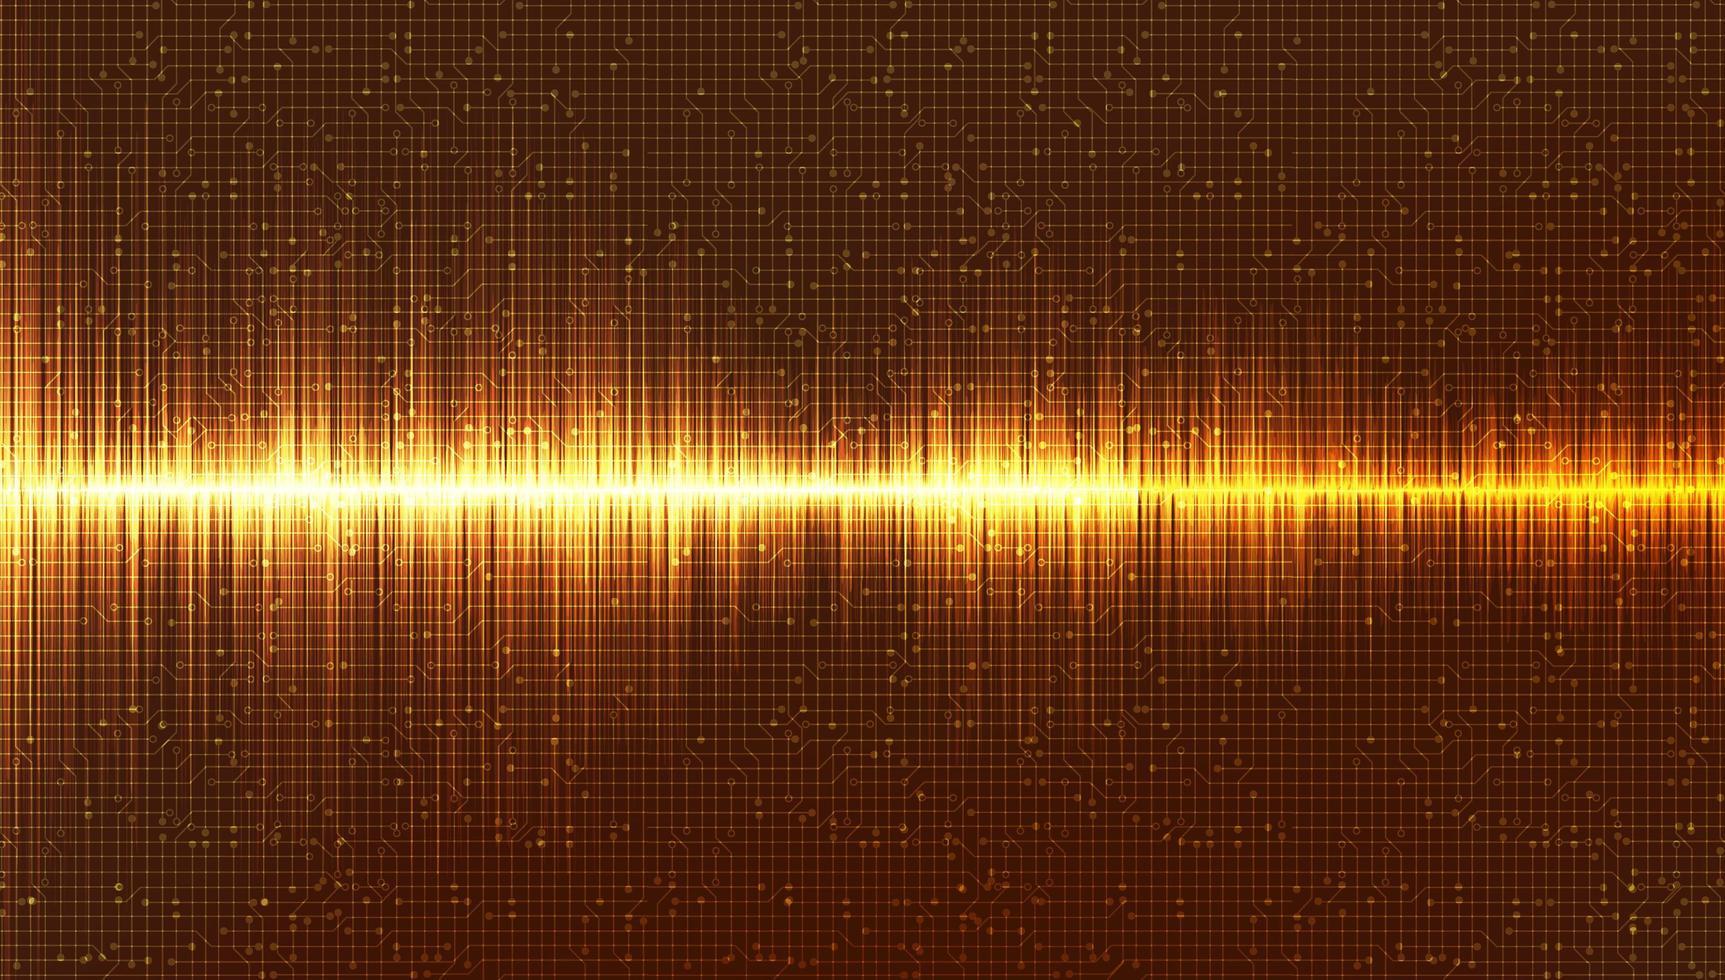 gouden digitale geluidsgolfachtergrond, muziek en hi-tech diagramconcept, ontwerp voor muziekstudio en wetenschap, vectorillustratie. vector